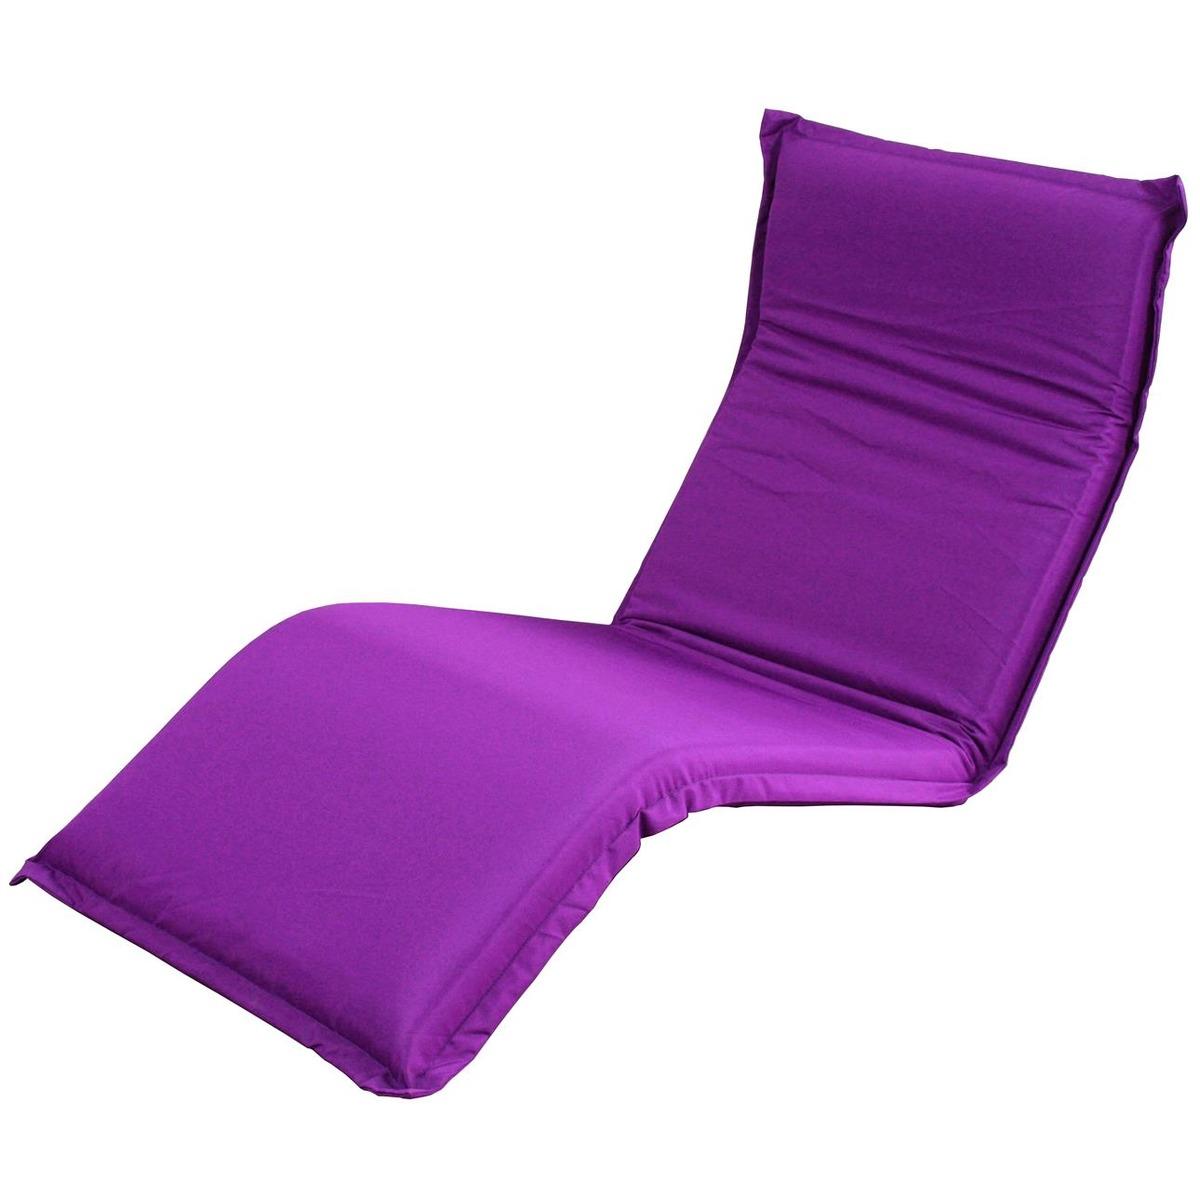 Chauffeuse 5 Positions 187 X 70 X 10 Cm Violet Canapes Et Fauteuils La Foir Fouille